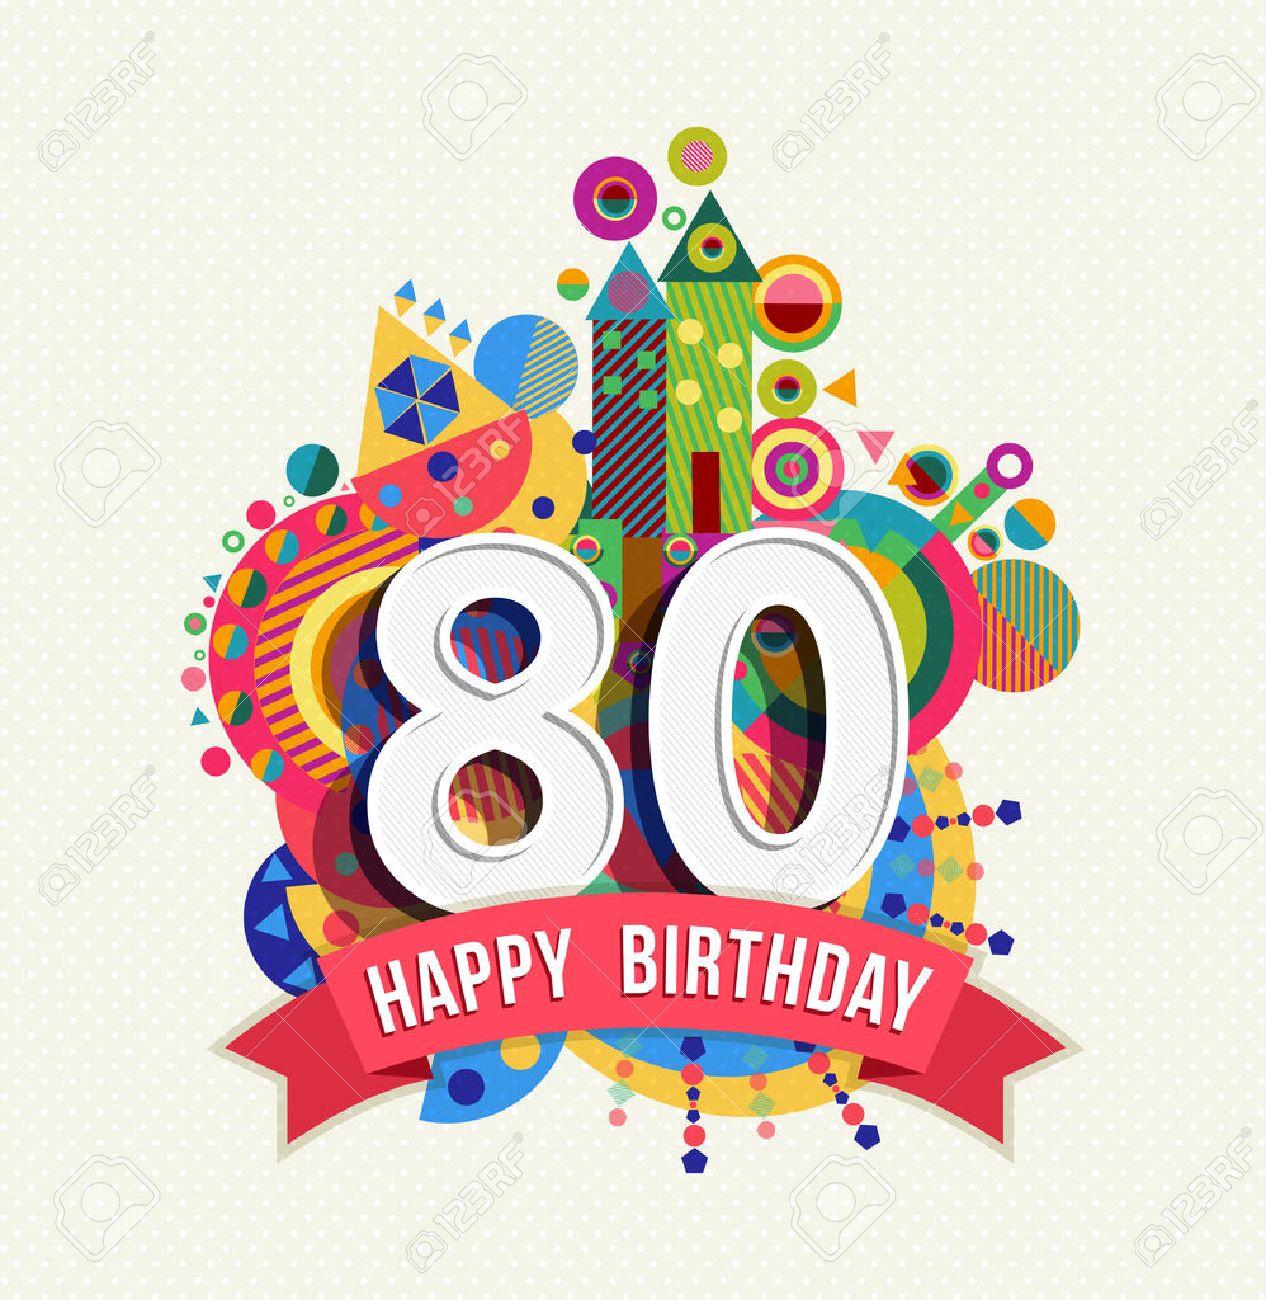 Feliz Cumpleaños 80 Años Ochenta Tarjeta De Felicitación Divertida Celebración Con El Número Etiqueta De Texto Y Un Diseño Colorido Geometría Eps10